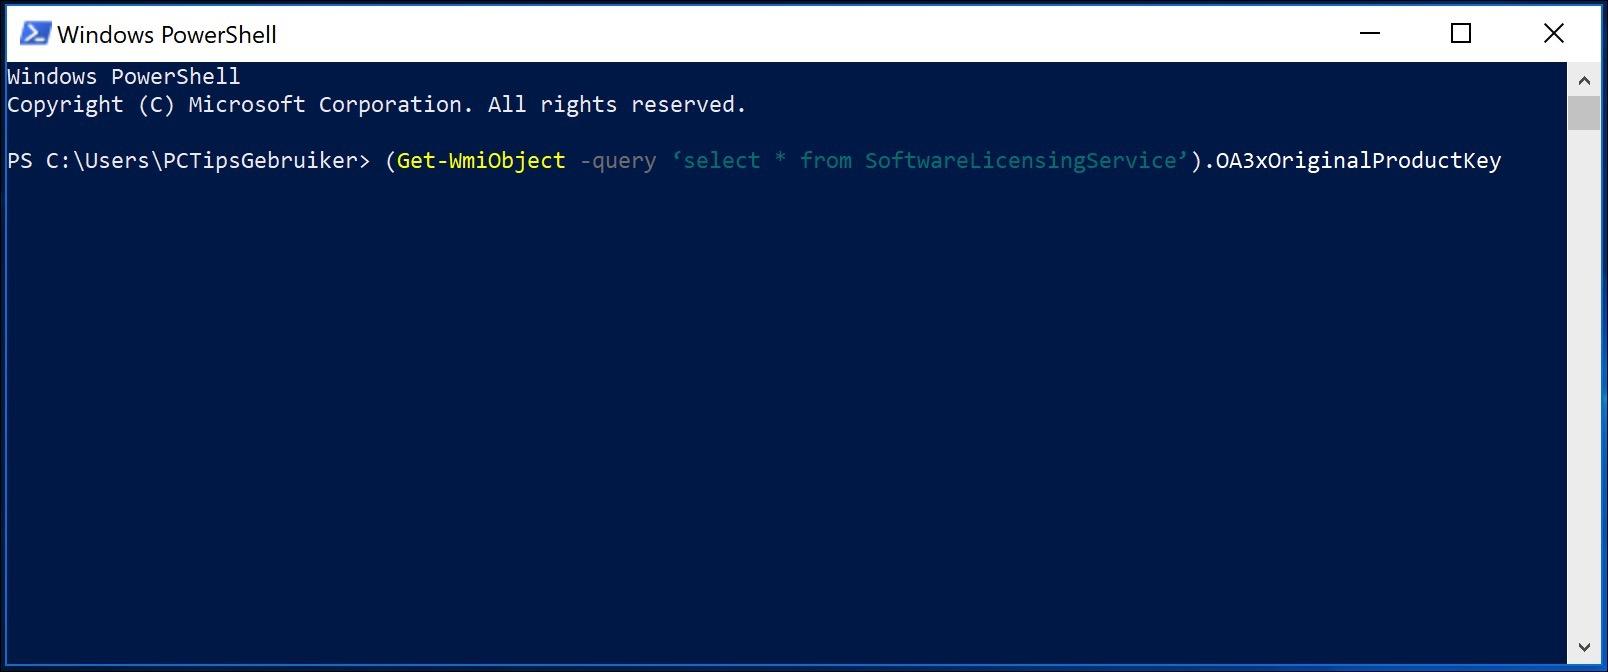 windows licentie code opzoeken met powershell